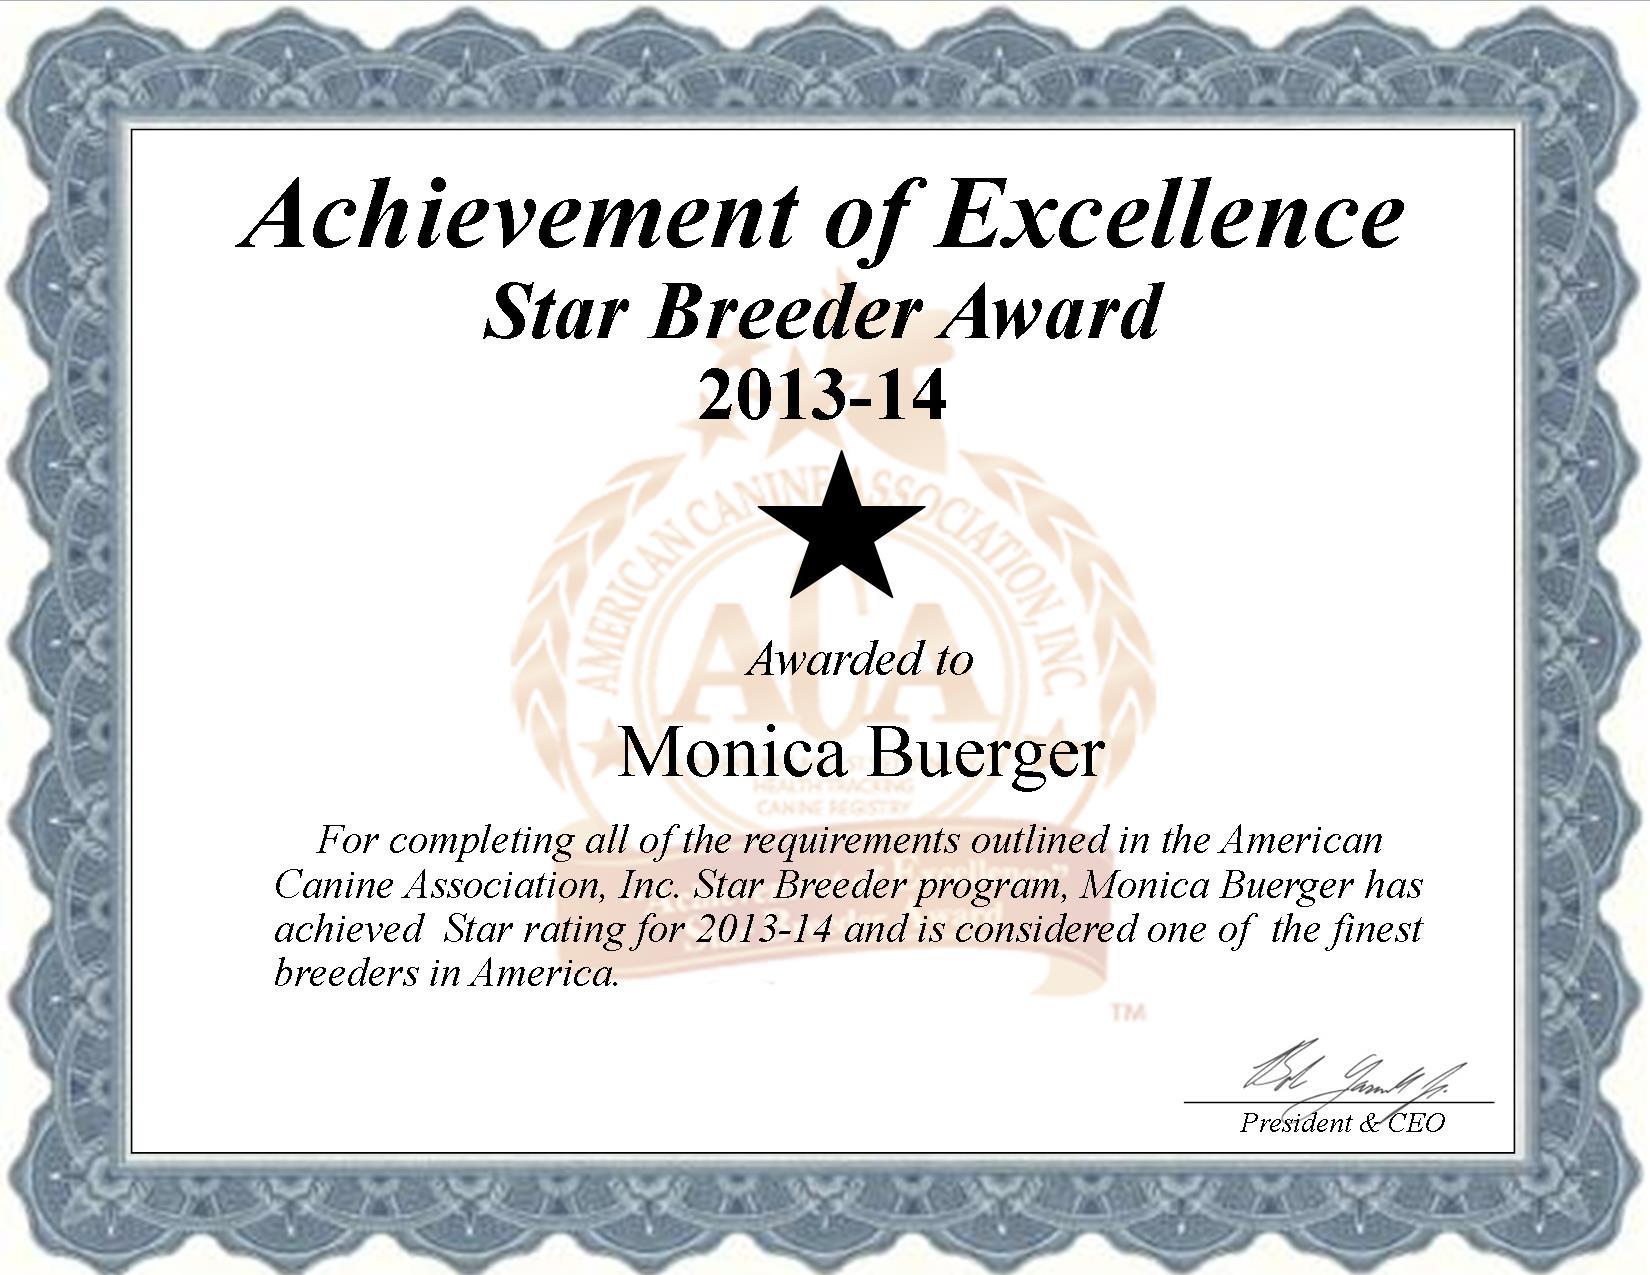 Monica, Buerger, Monica Buerger, Buerger Kennel, breeder, star breeder, aca, star breeder, 5 star, Buffalo, Texas, TX, dog, puppy, puppies, dog breeder, dog breeders, Texas breeder, Monica Buerger dog breeder